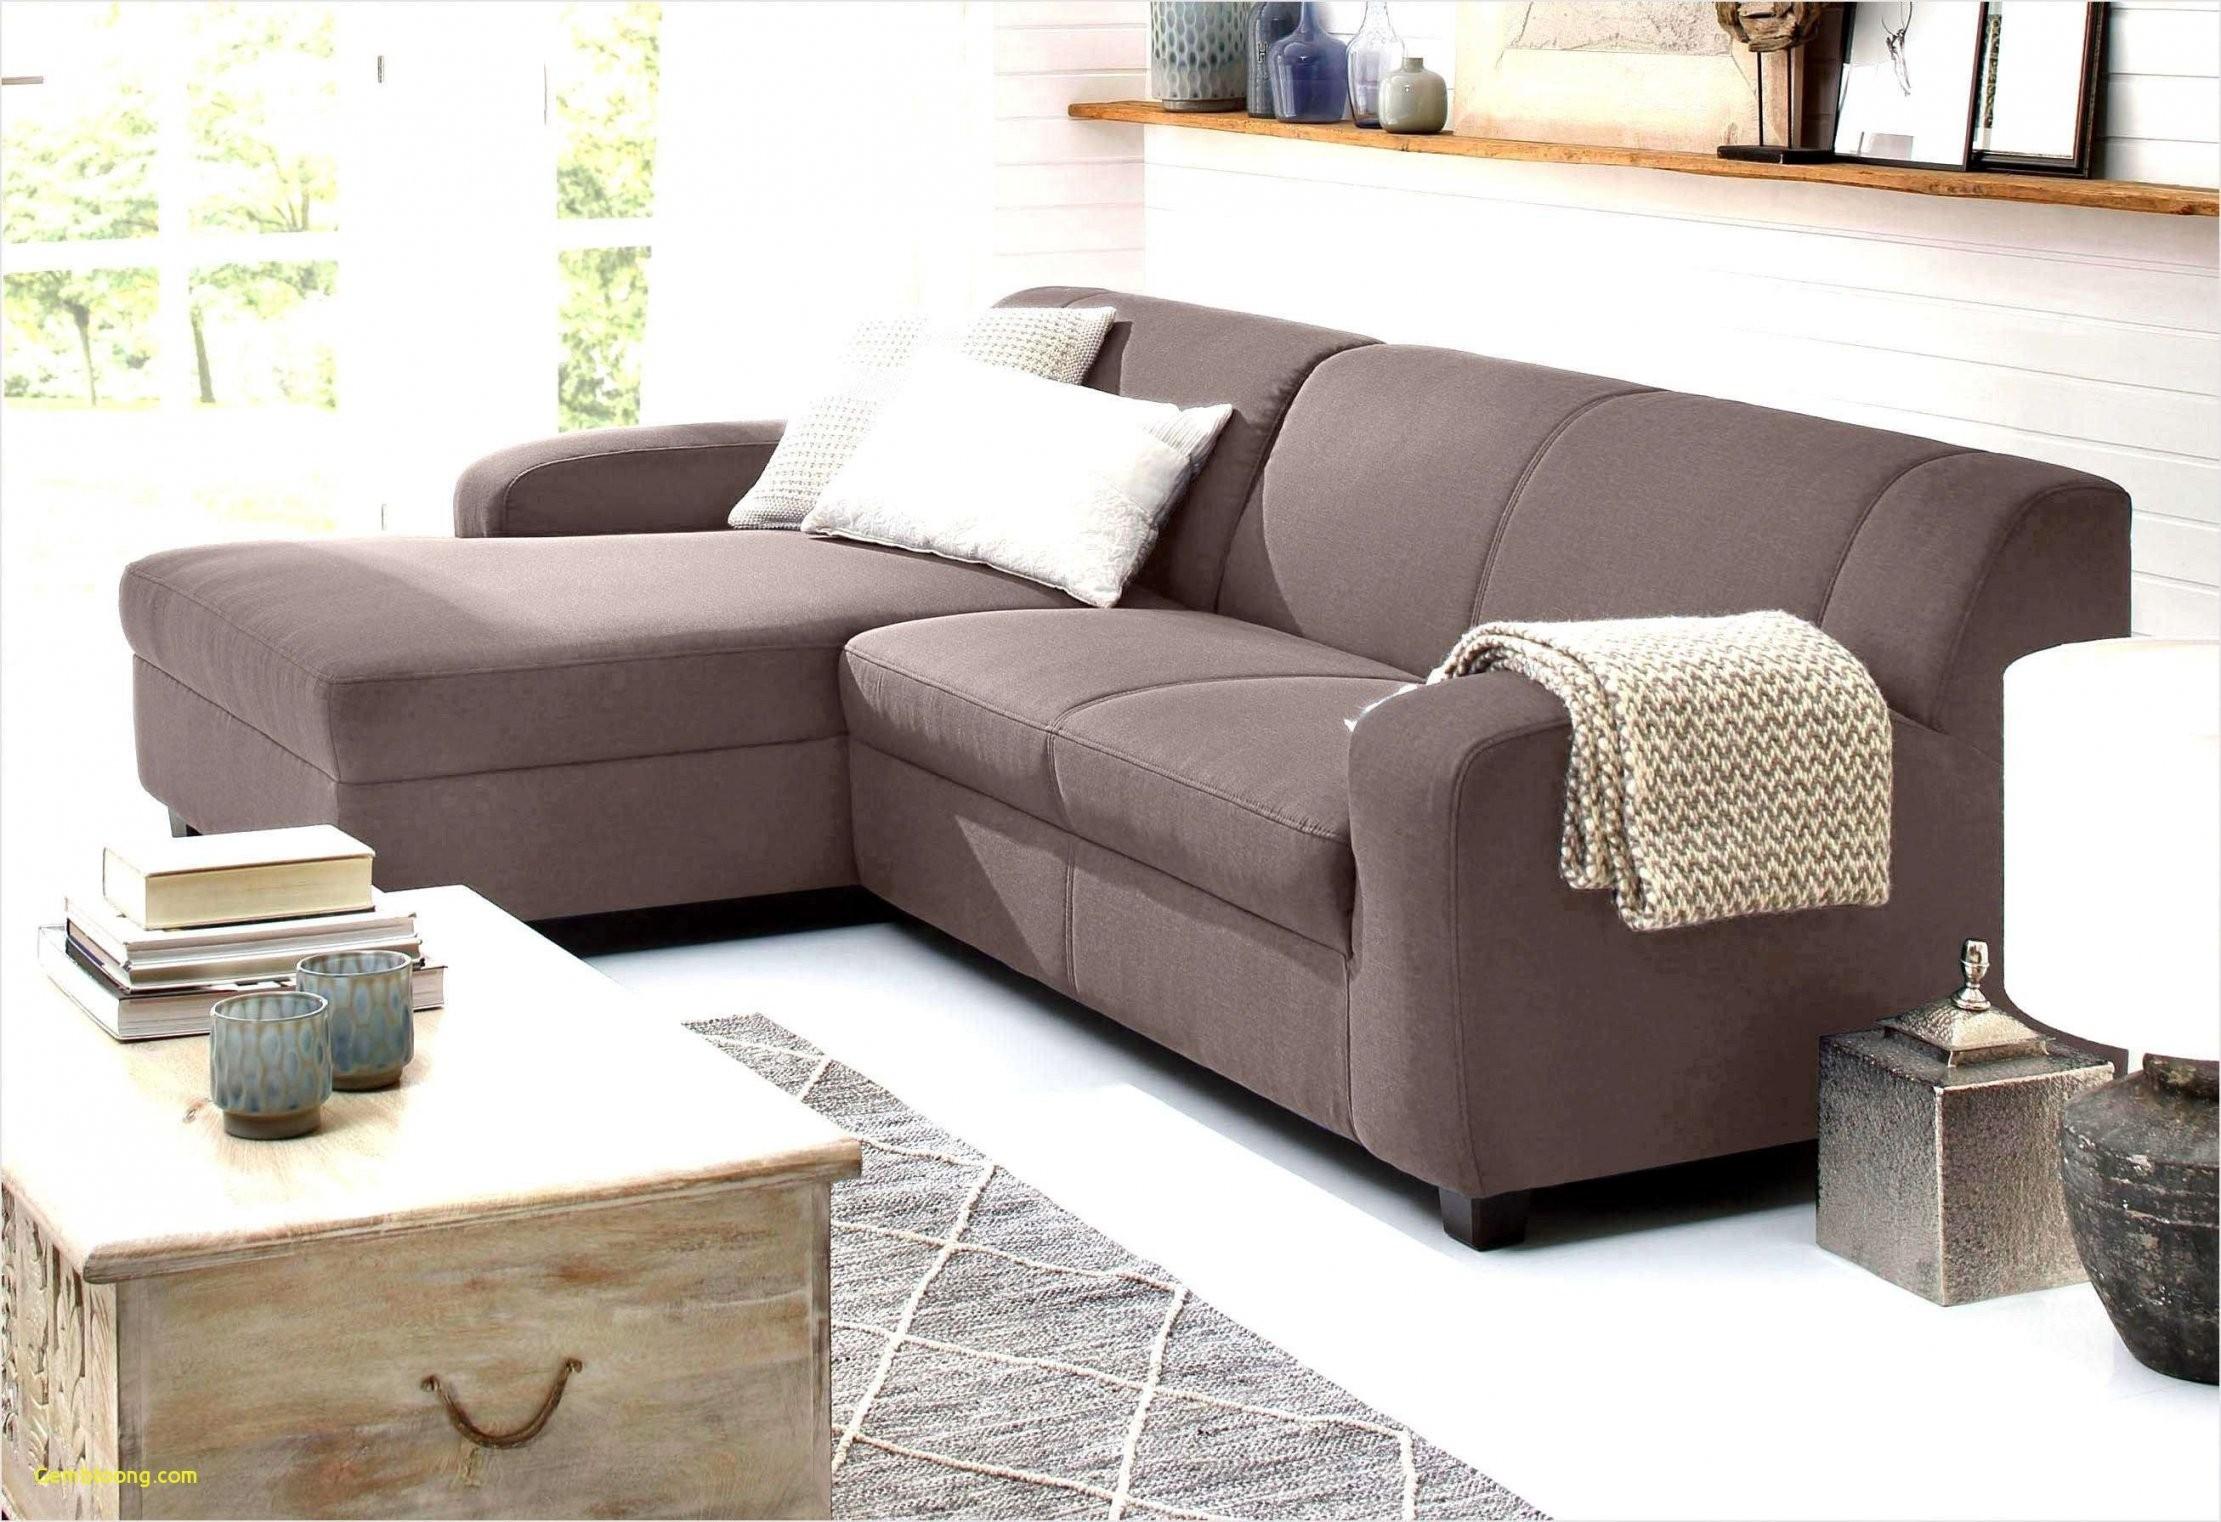 Couch Landhausstil Inspirierend Badmöbel Holz Landhaus Schön von Sofa Landhausstil Holz Bild